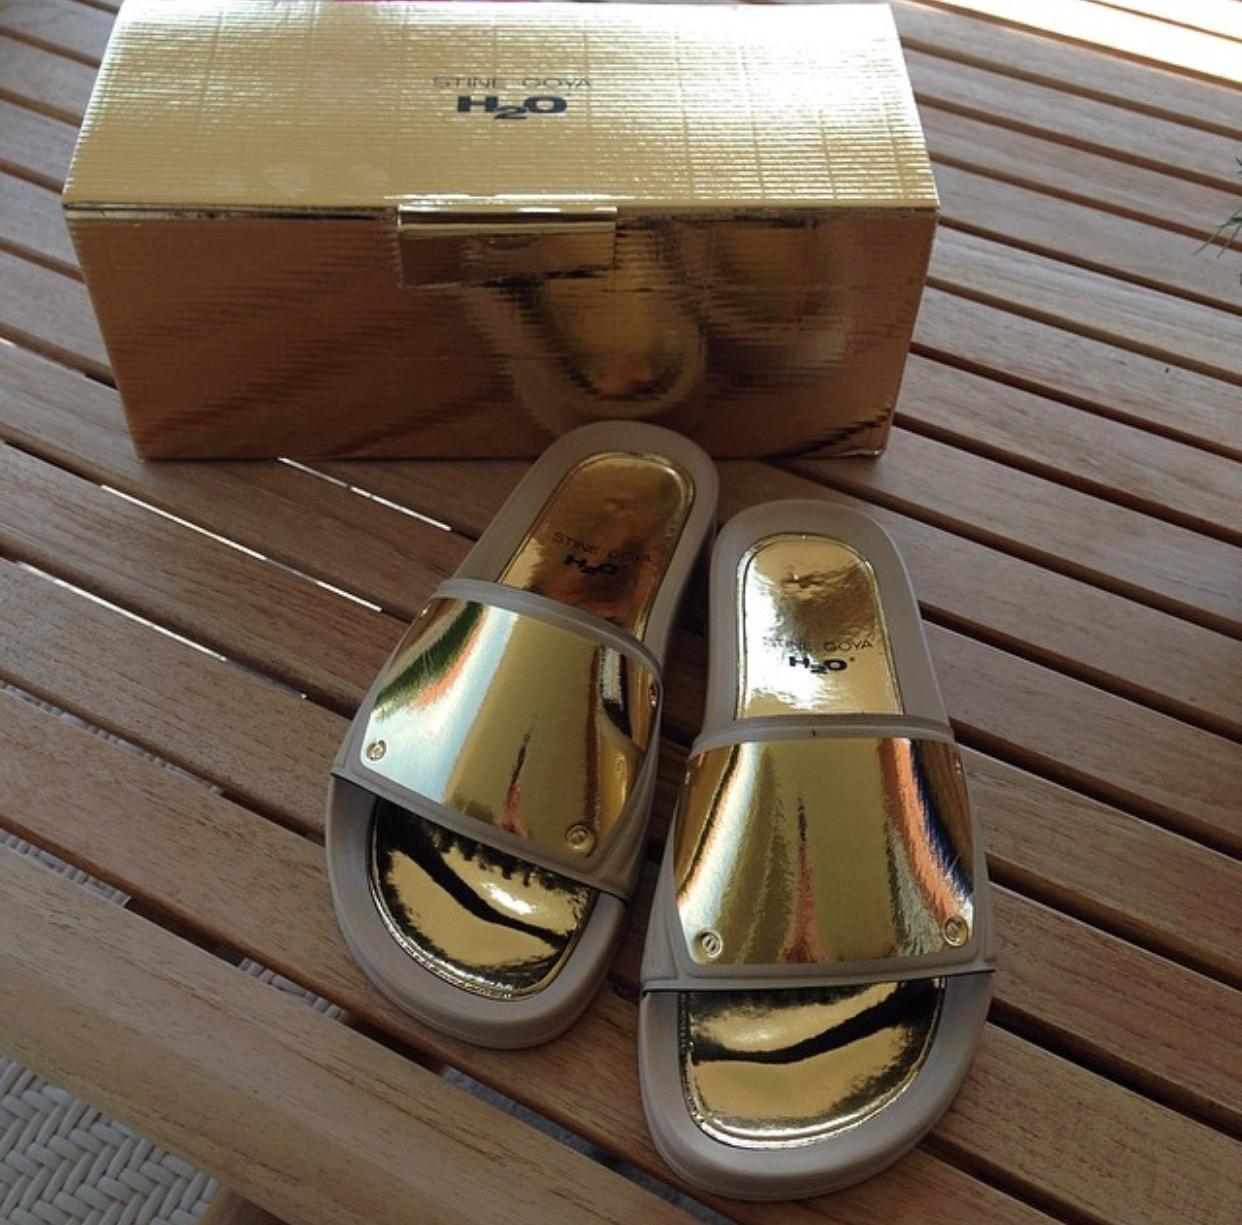 H2O SPortswear New Icon Sandal, WhiteGold   Badesandaler